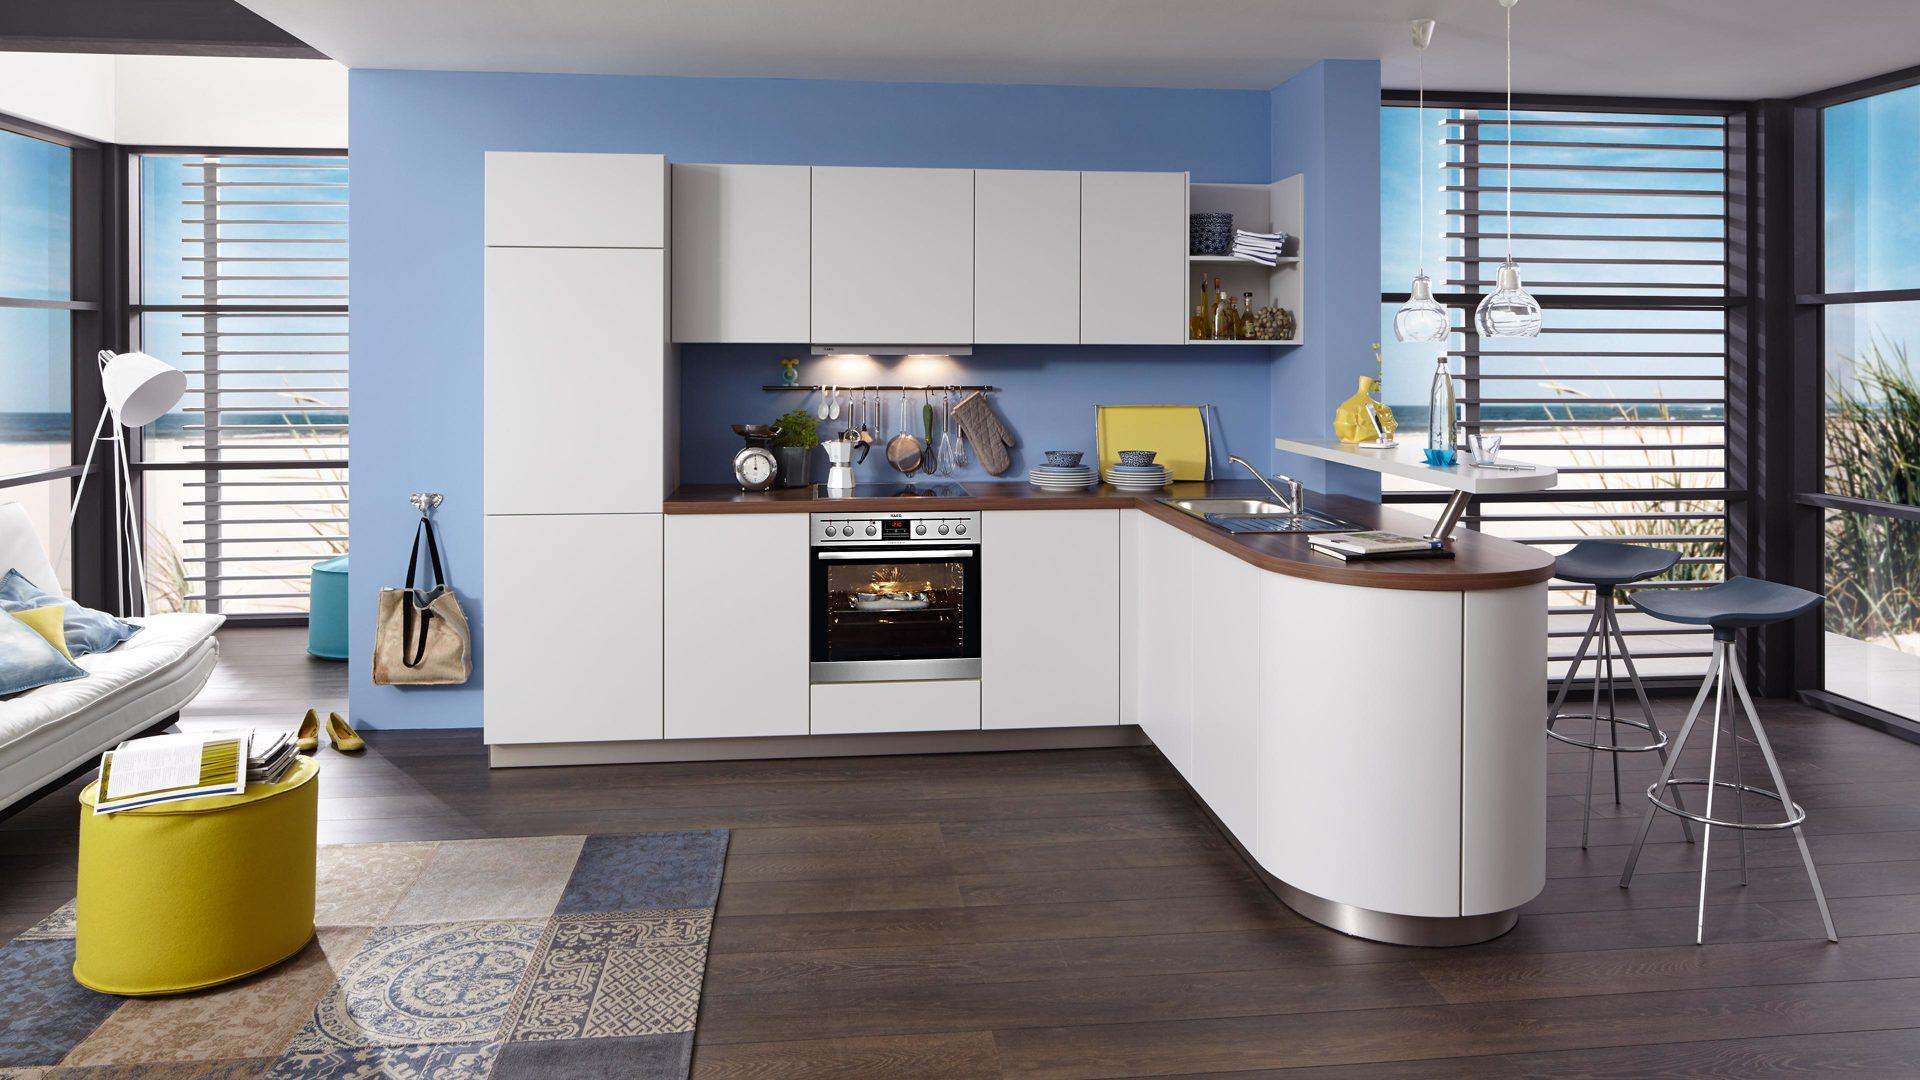 Möbel Busch , Räume, Küche, ALLES Küche, WERT-KÜCHE, WERT ...